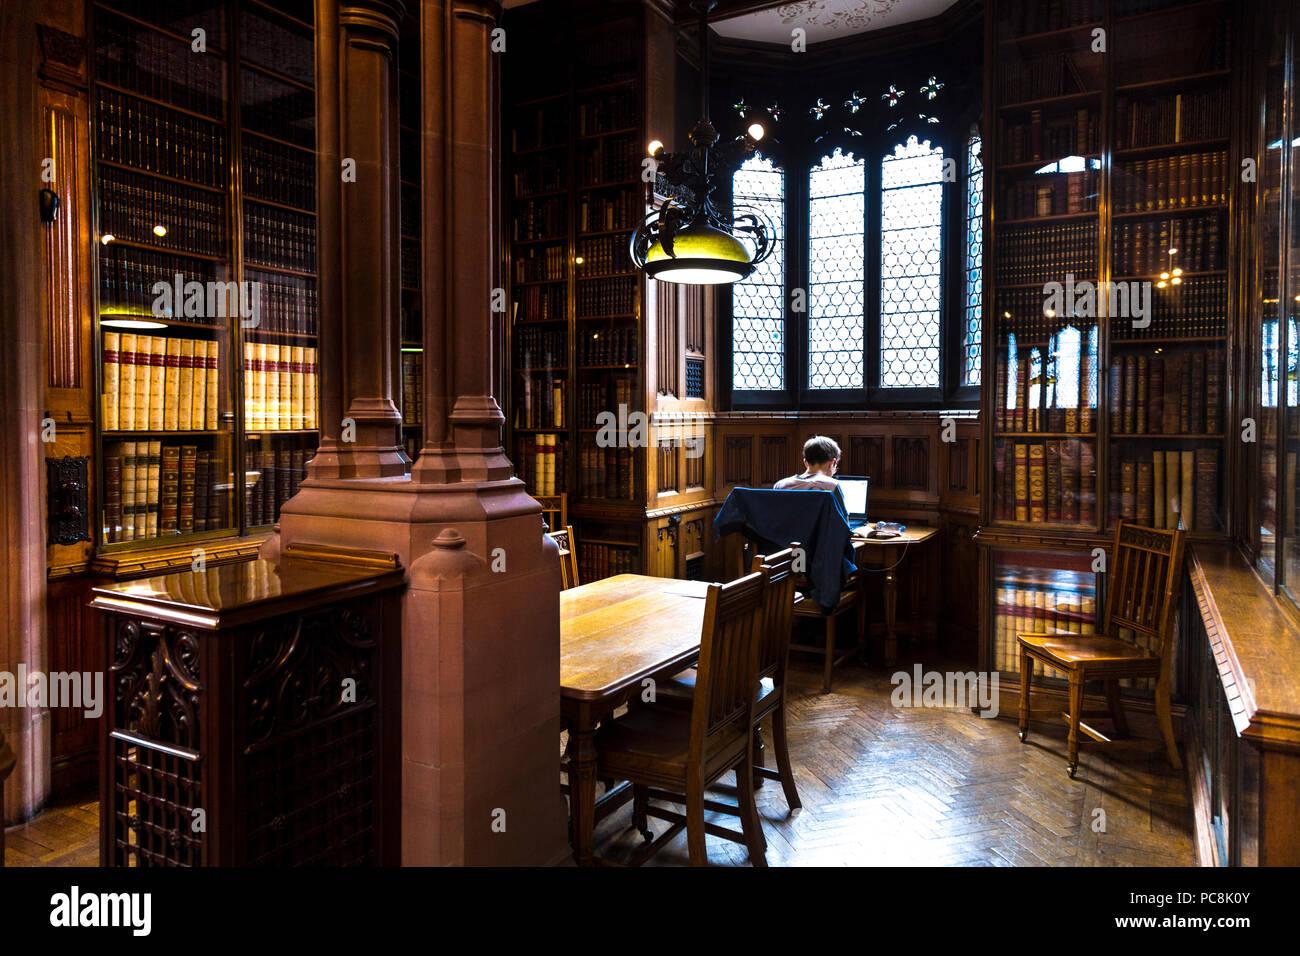 Homme assis avec un ordinateur portable à une vieille bibliothèque faire des recherches, étudier, Johny Rylands Library, Manchester, UK Photo Stock